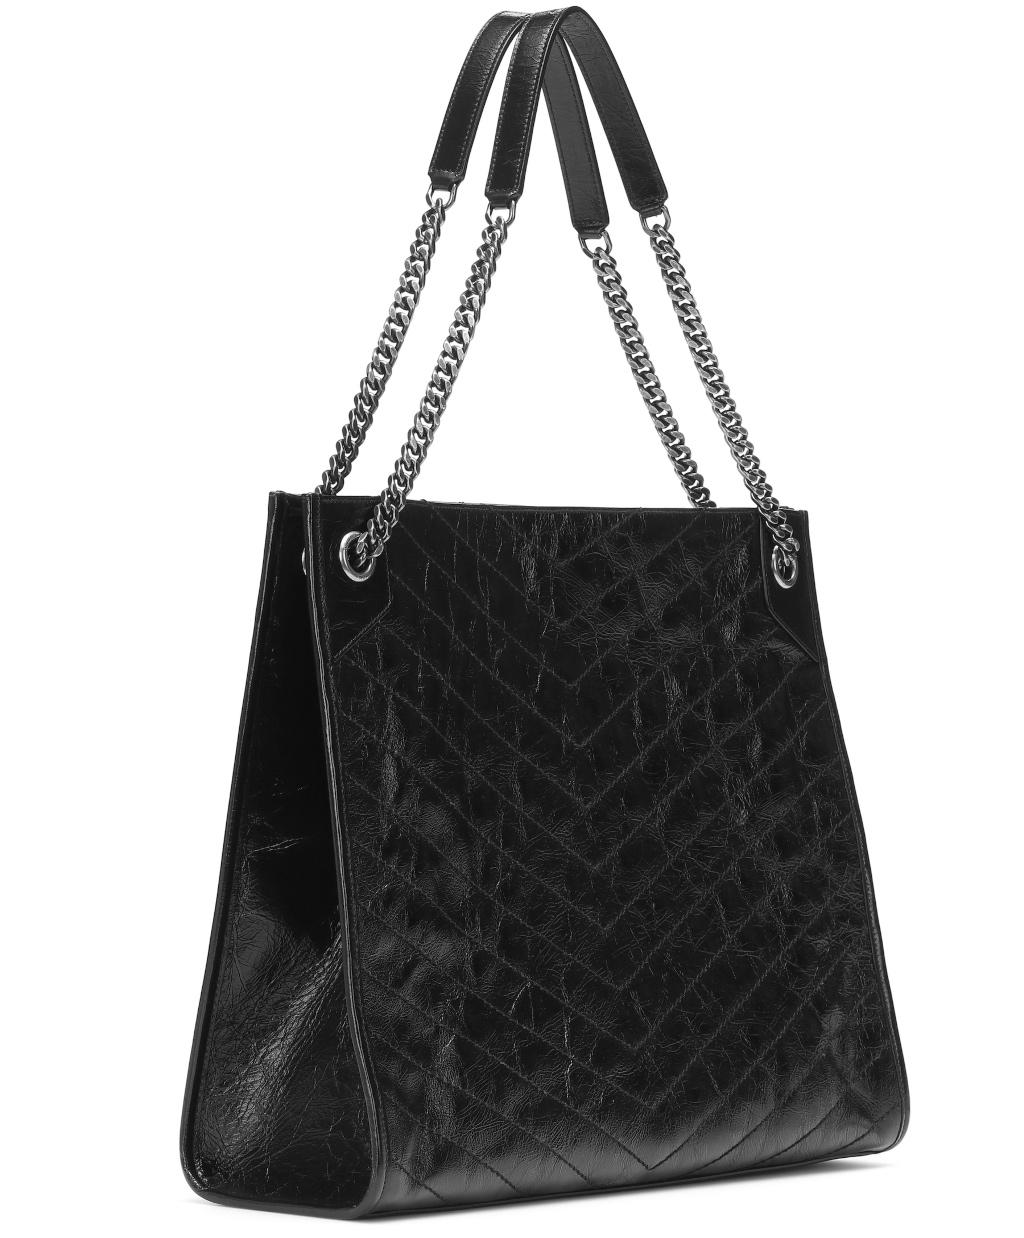 Niki Large leather tote Saint Laurent